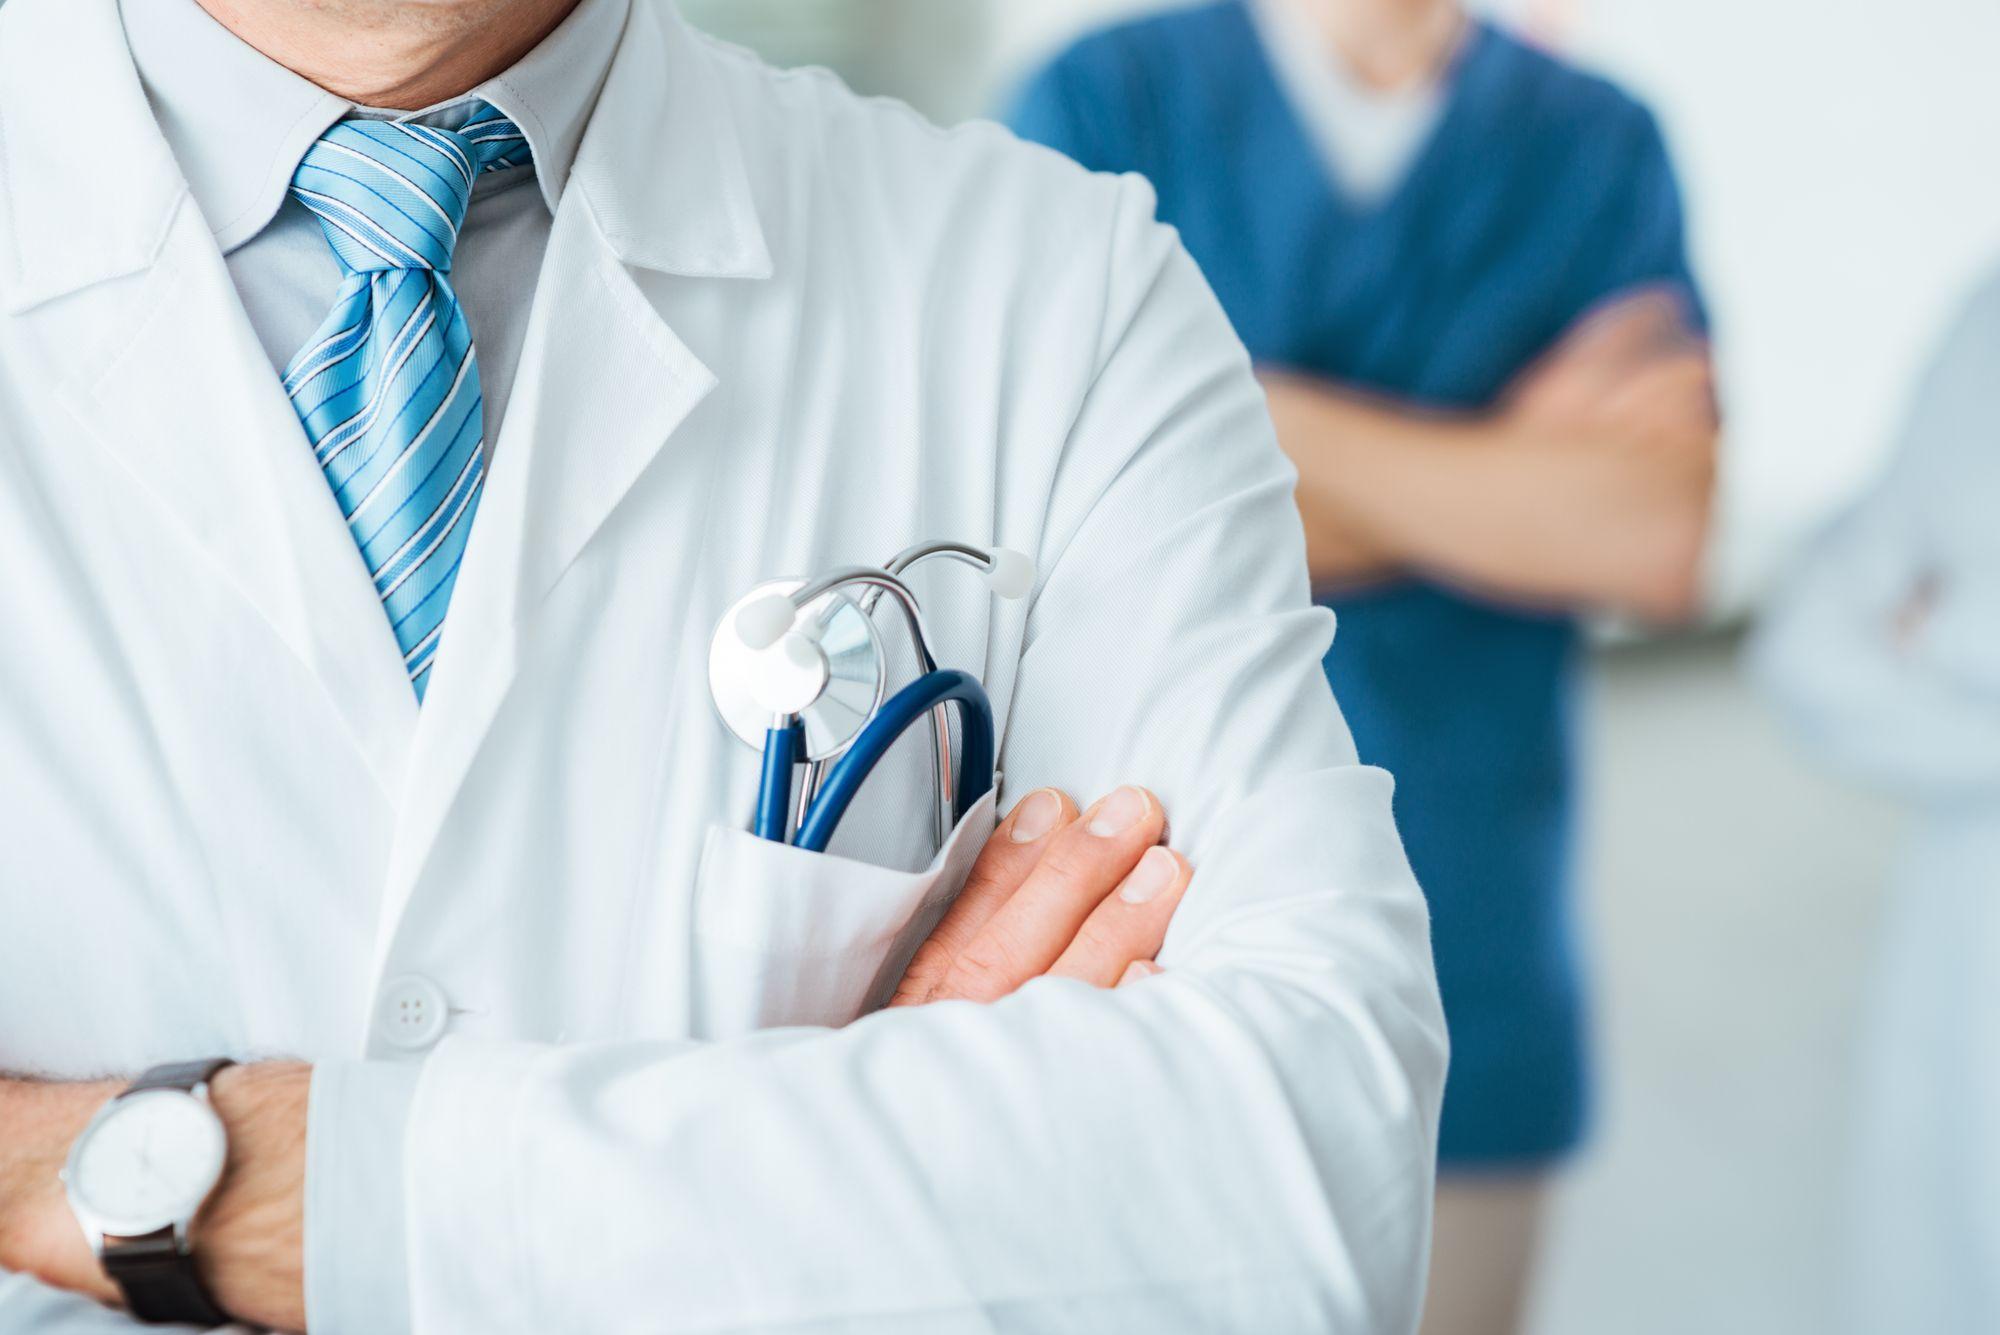 Os homens vão menos ao Médico. Mito ou realidade?